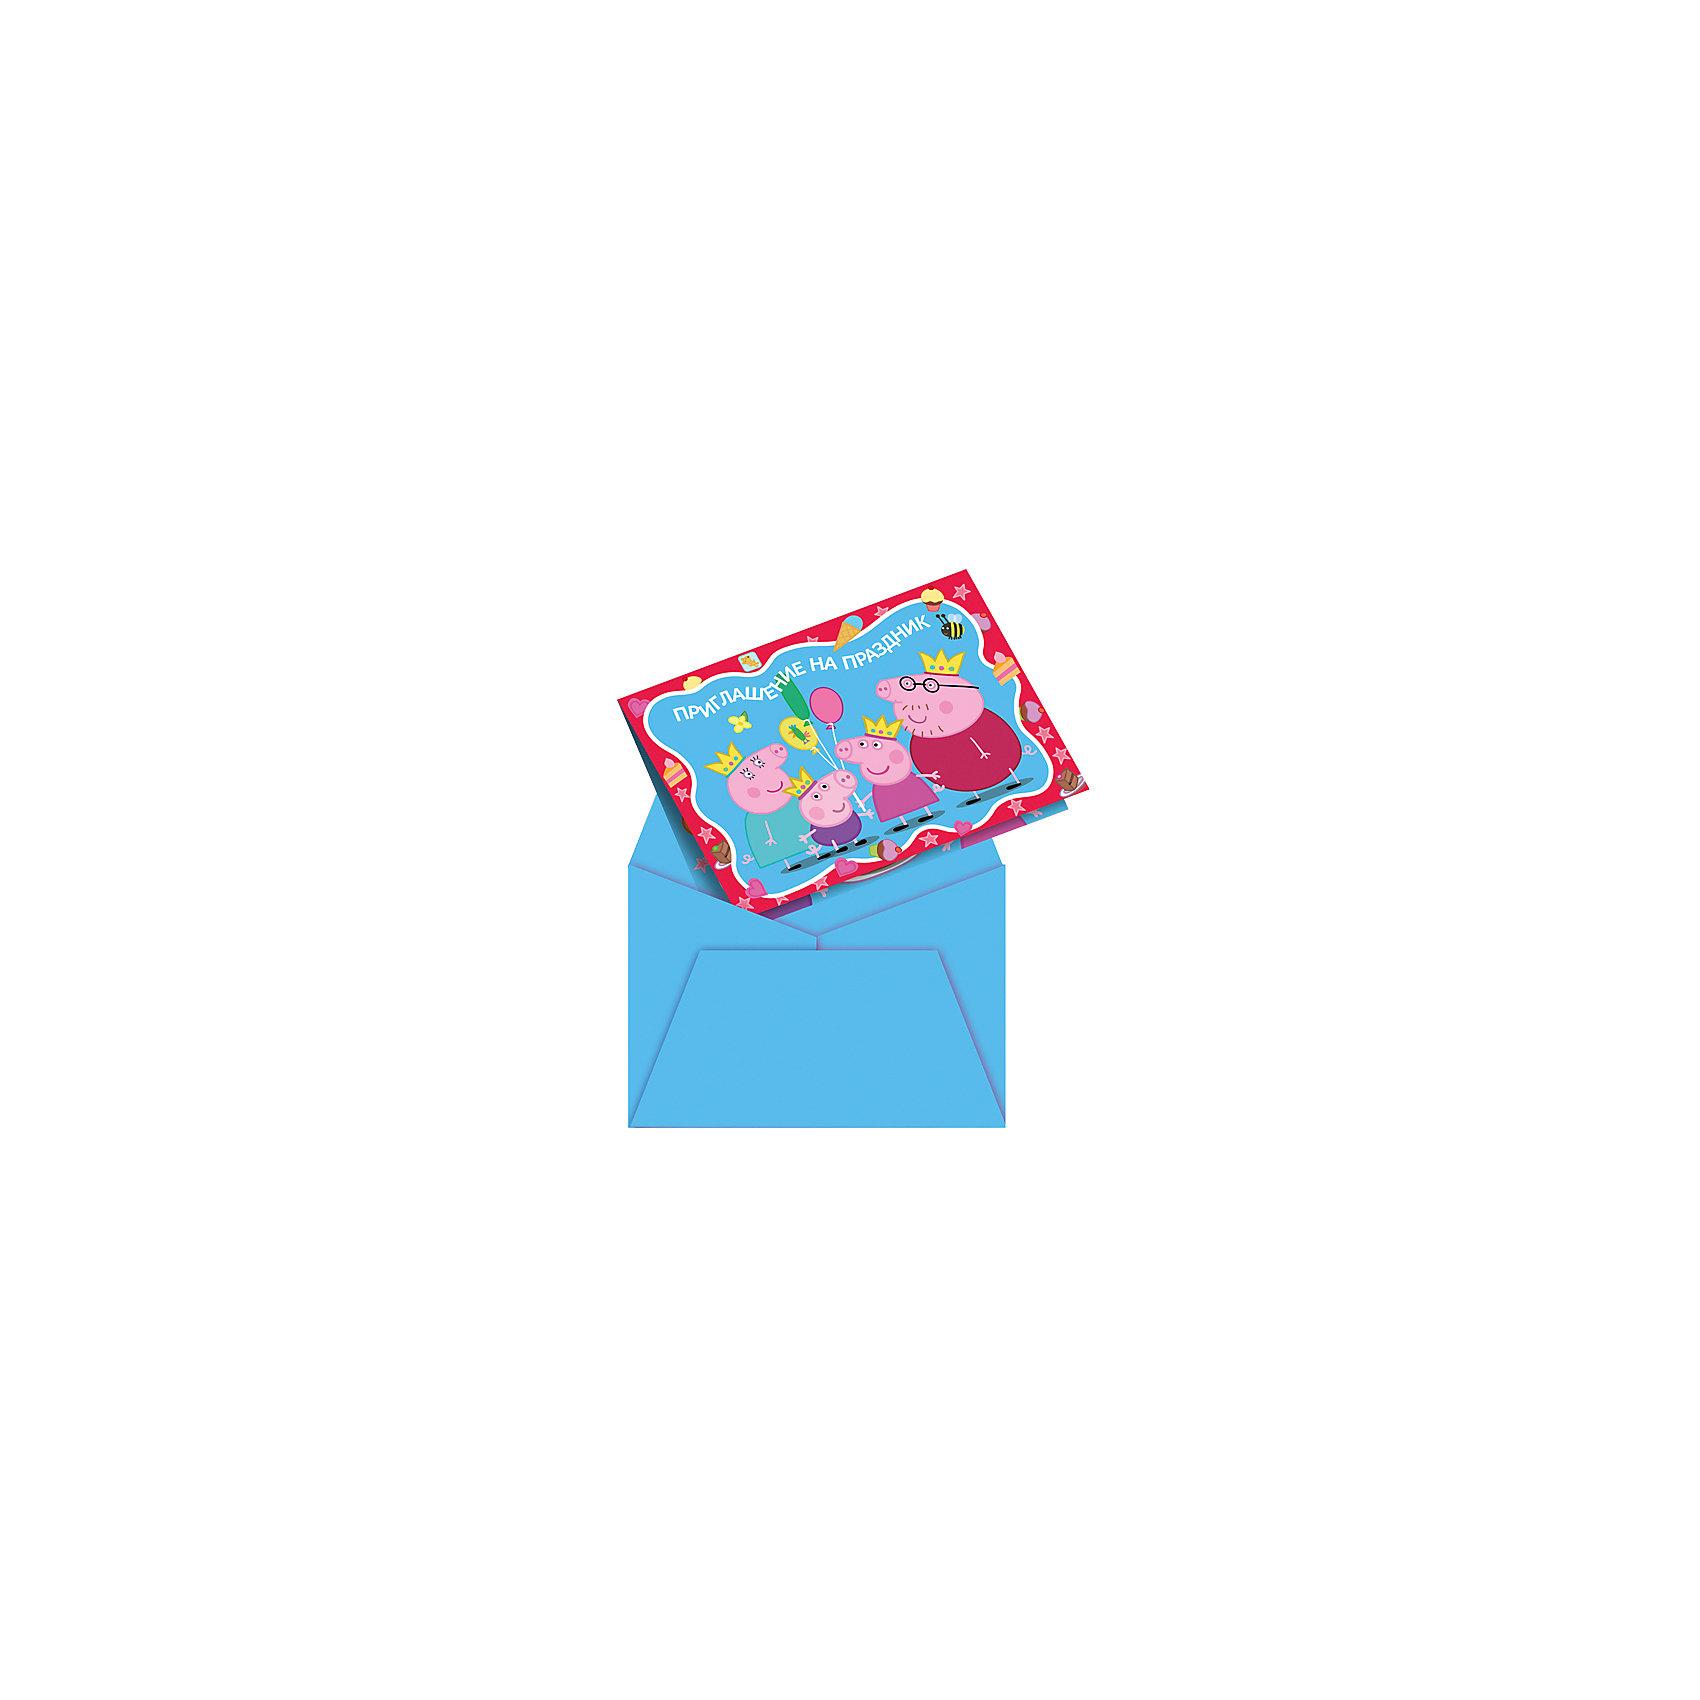 Росмэн Приглашение в конверте  Пеппа-принцесса 6 шт росмэн праздничный колпак пеппа принцесса 6 шт